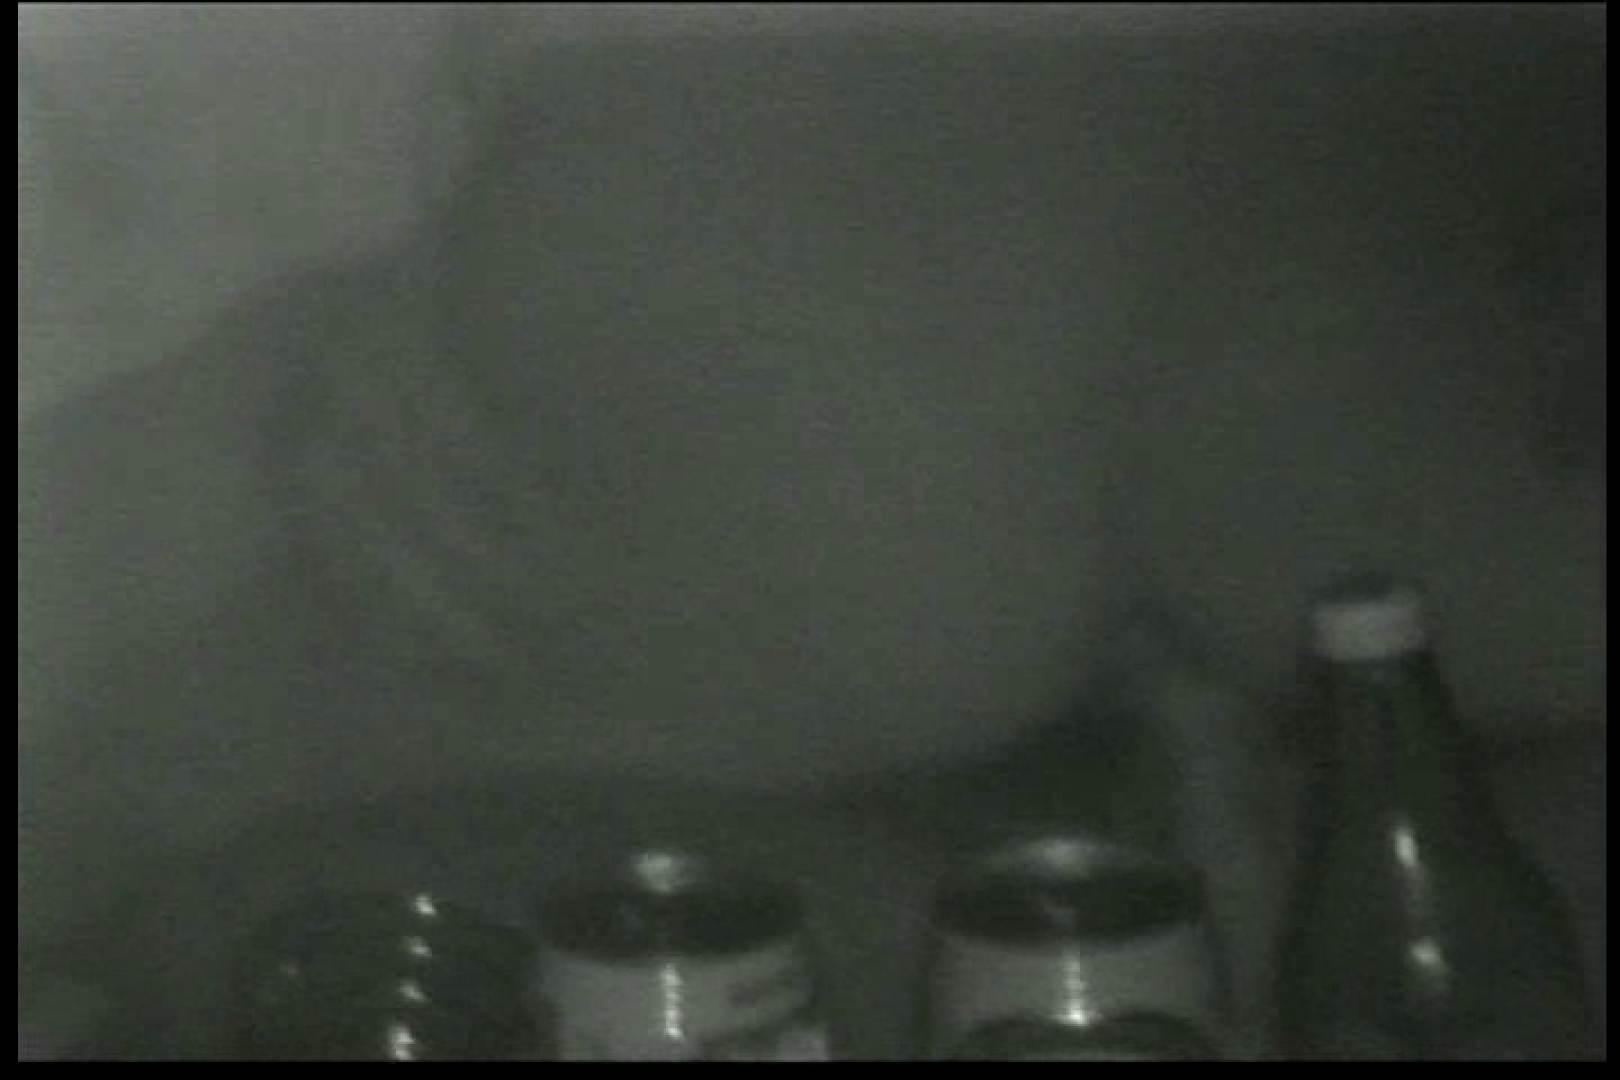 車の中はラブホテル 無修正版  Vol.12 車の中のカップル エロ画像 93画像 92